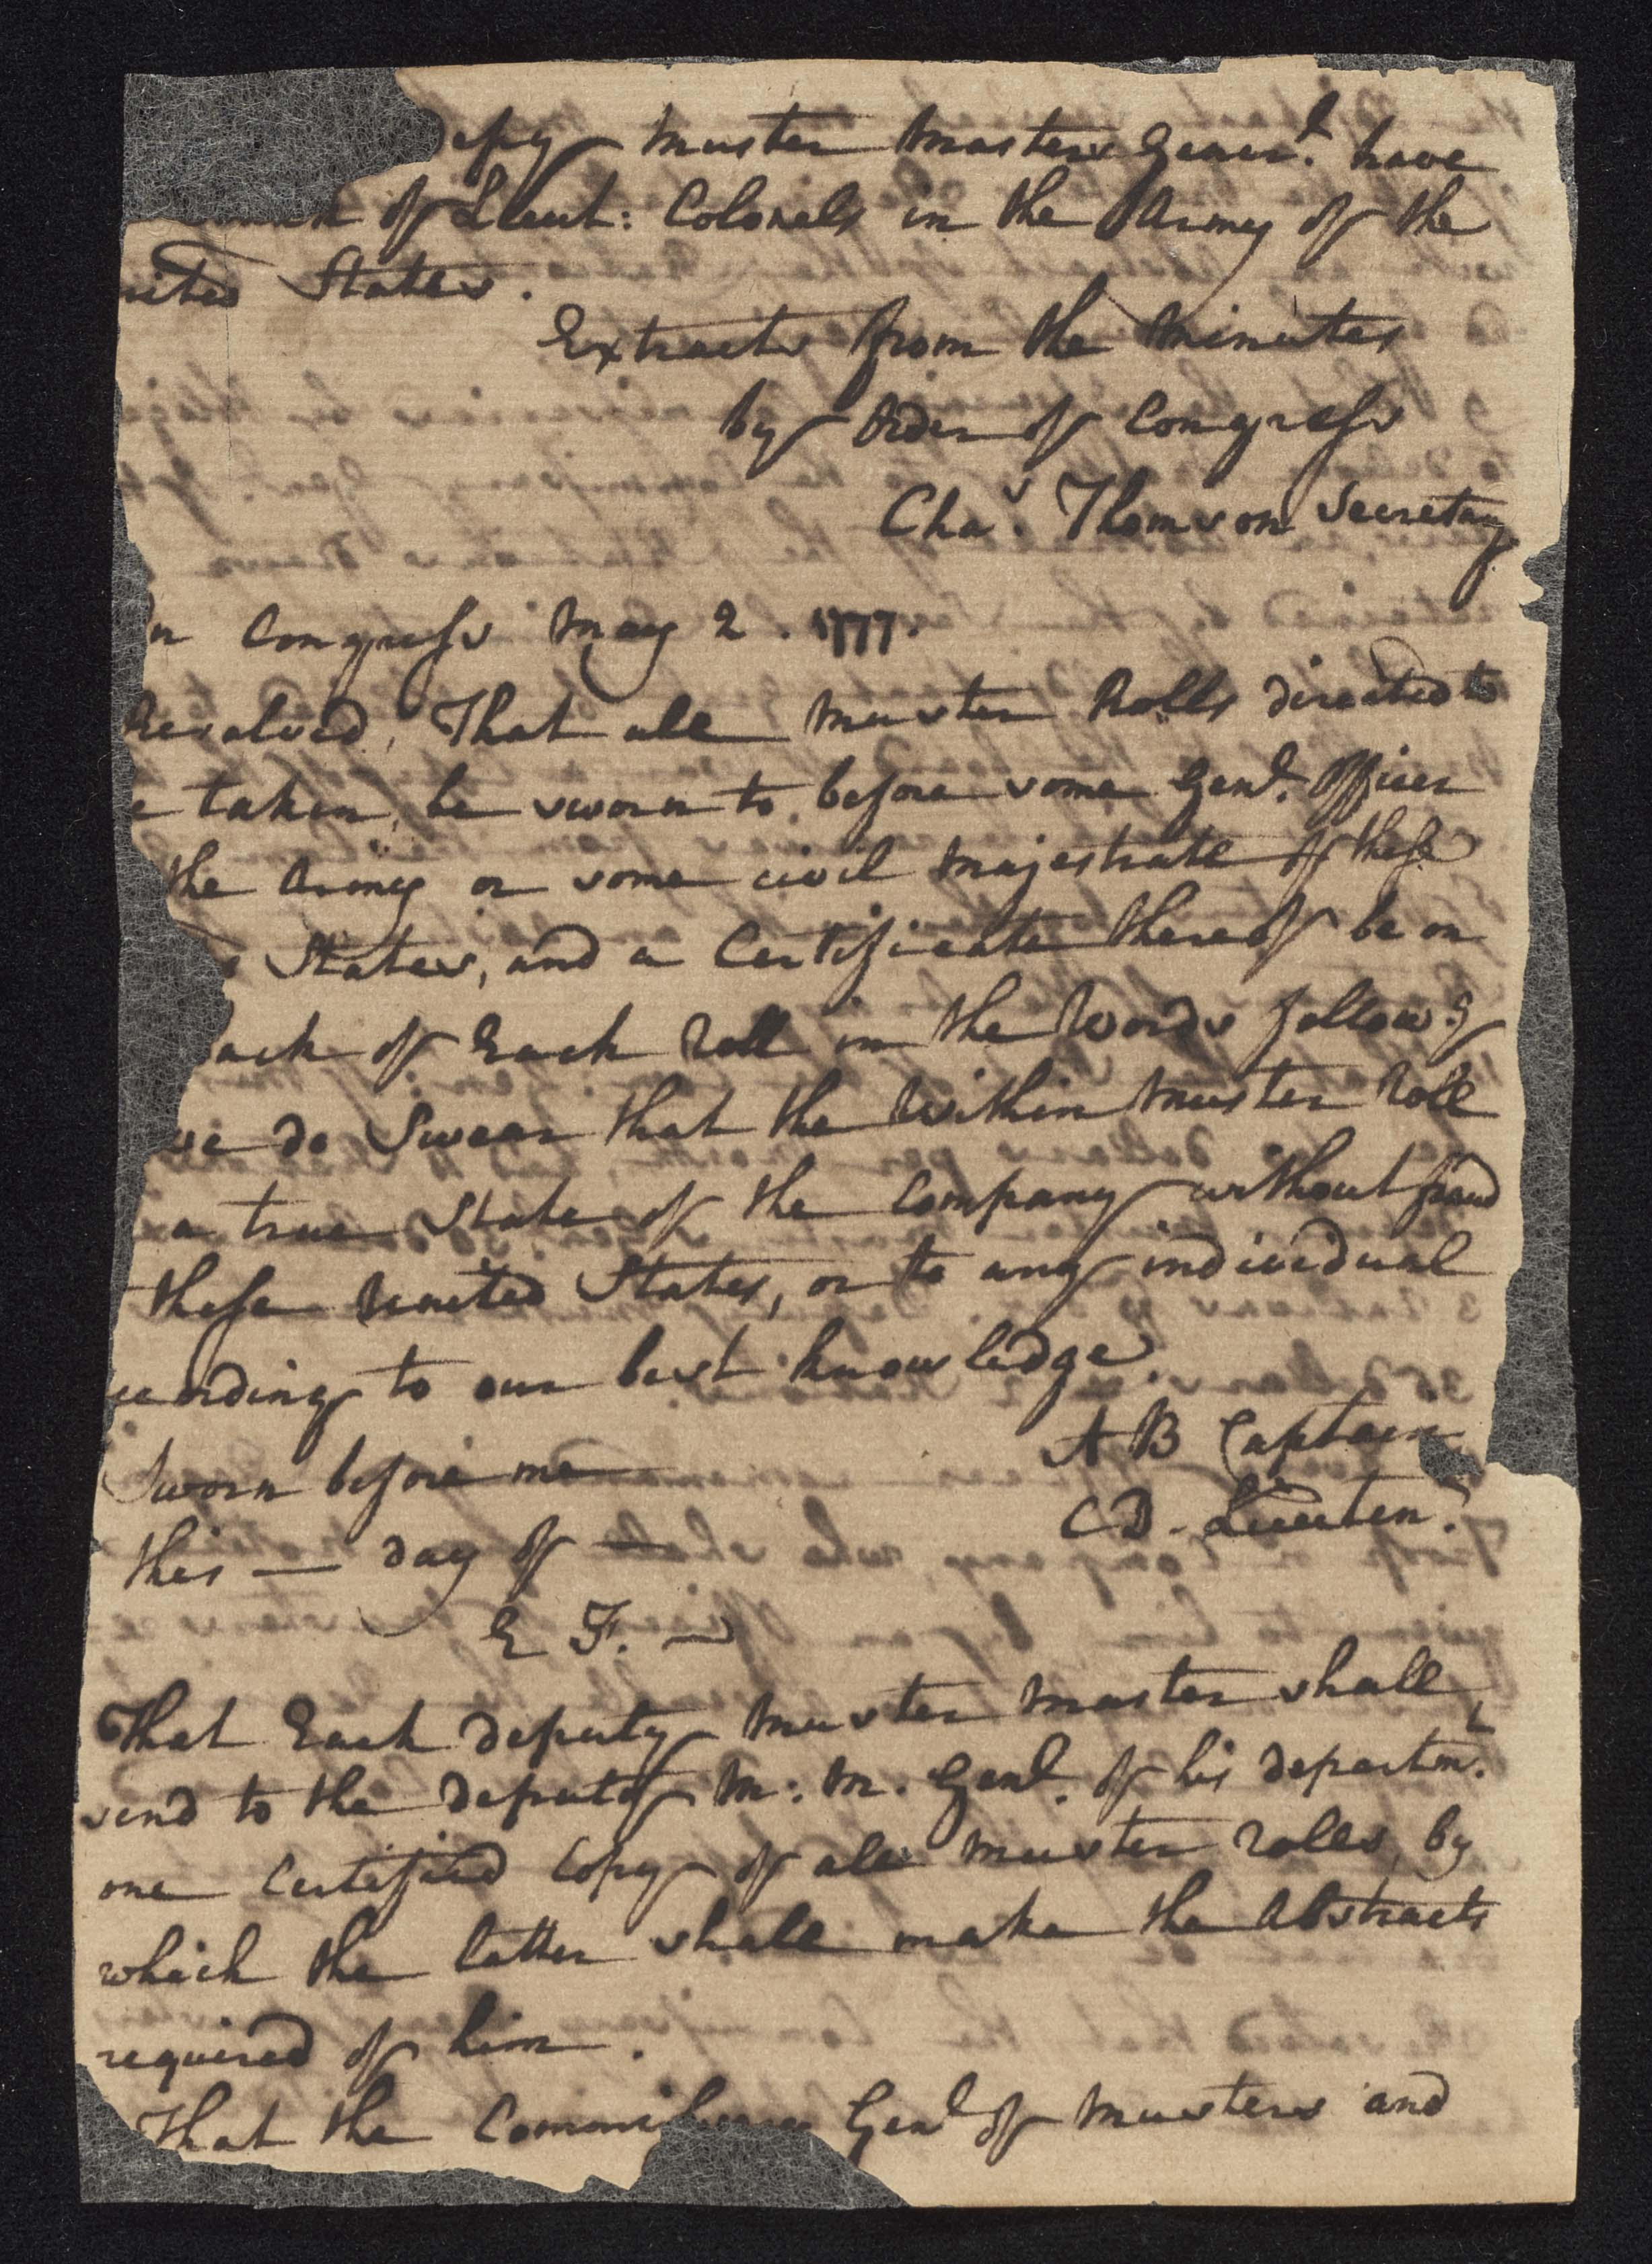 South Carolina Regiment Order Book, Page 202